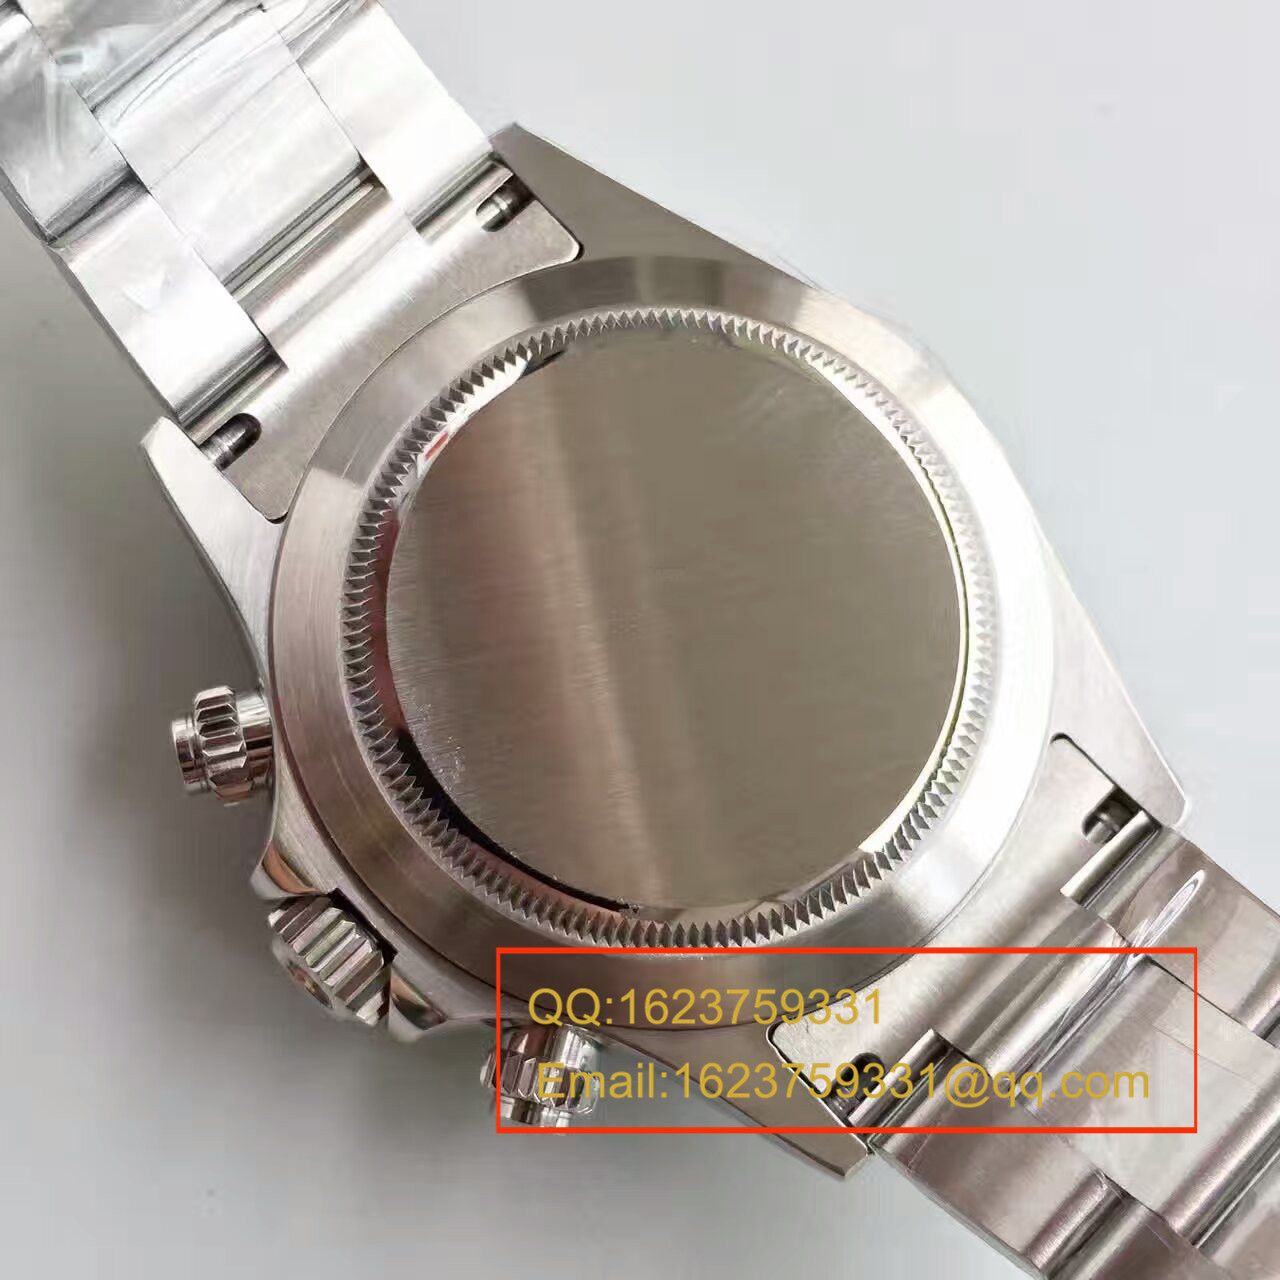 【视频解析】JF厂1:1精仿手表之劳力士宇宙计型迪通拿系列116500LN-78590机械男表 / RBD126